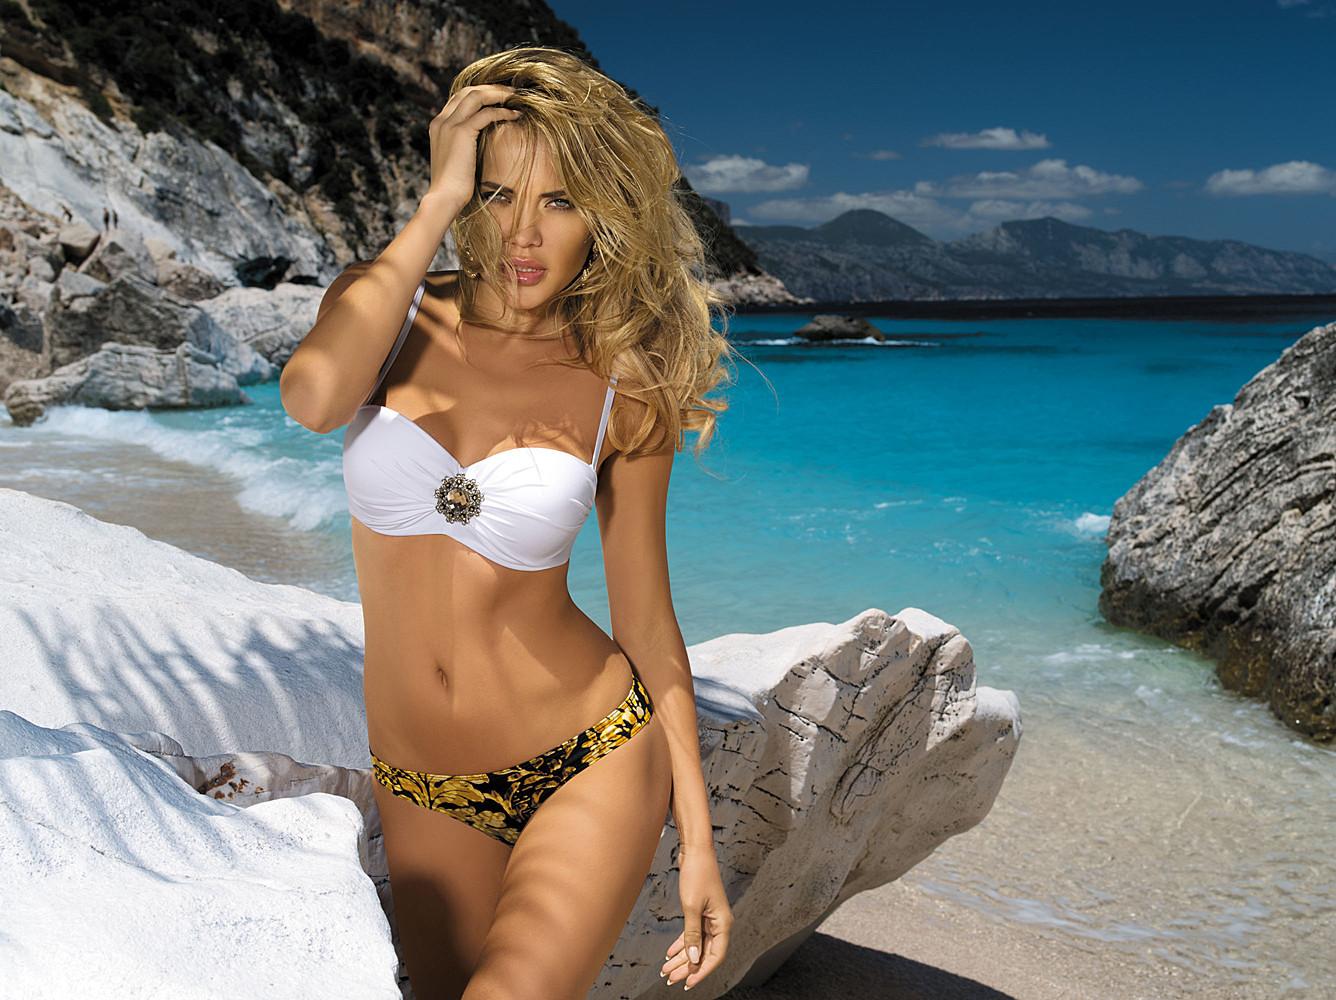 Ngực đẹp cần đảm bảo tiêu chí đầy đặn, tự nhiên, không có sẹo phẫu thuật, không biến chứng